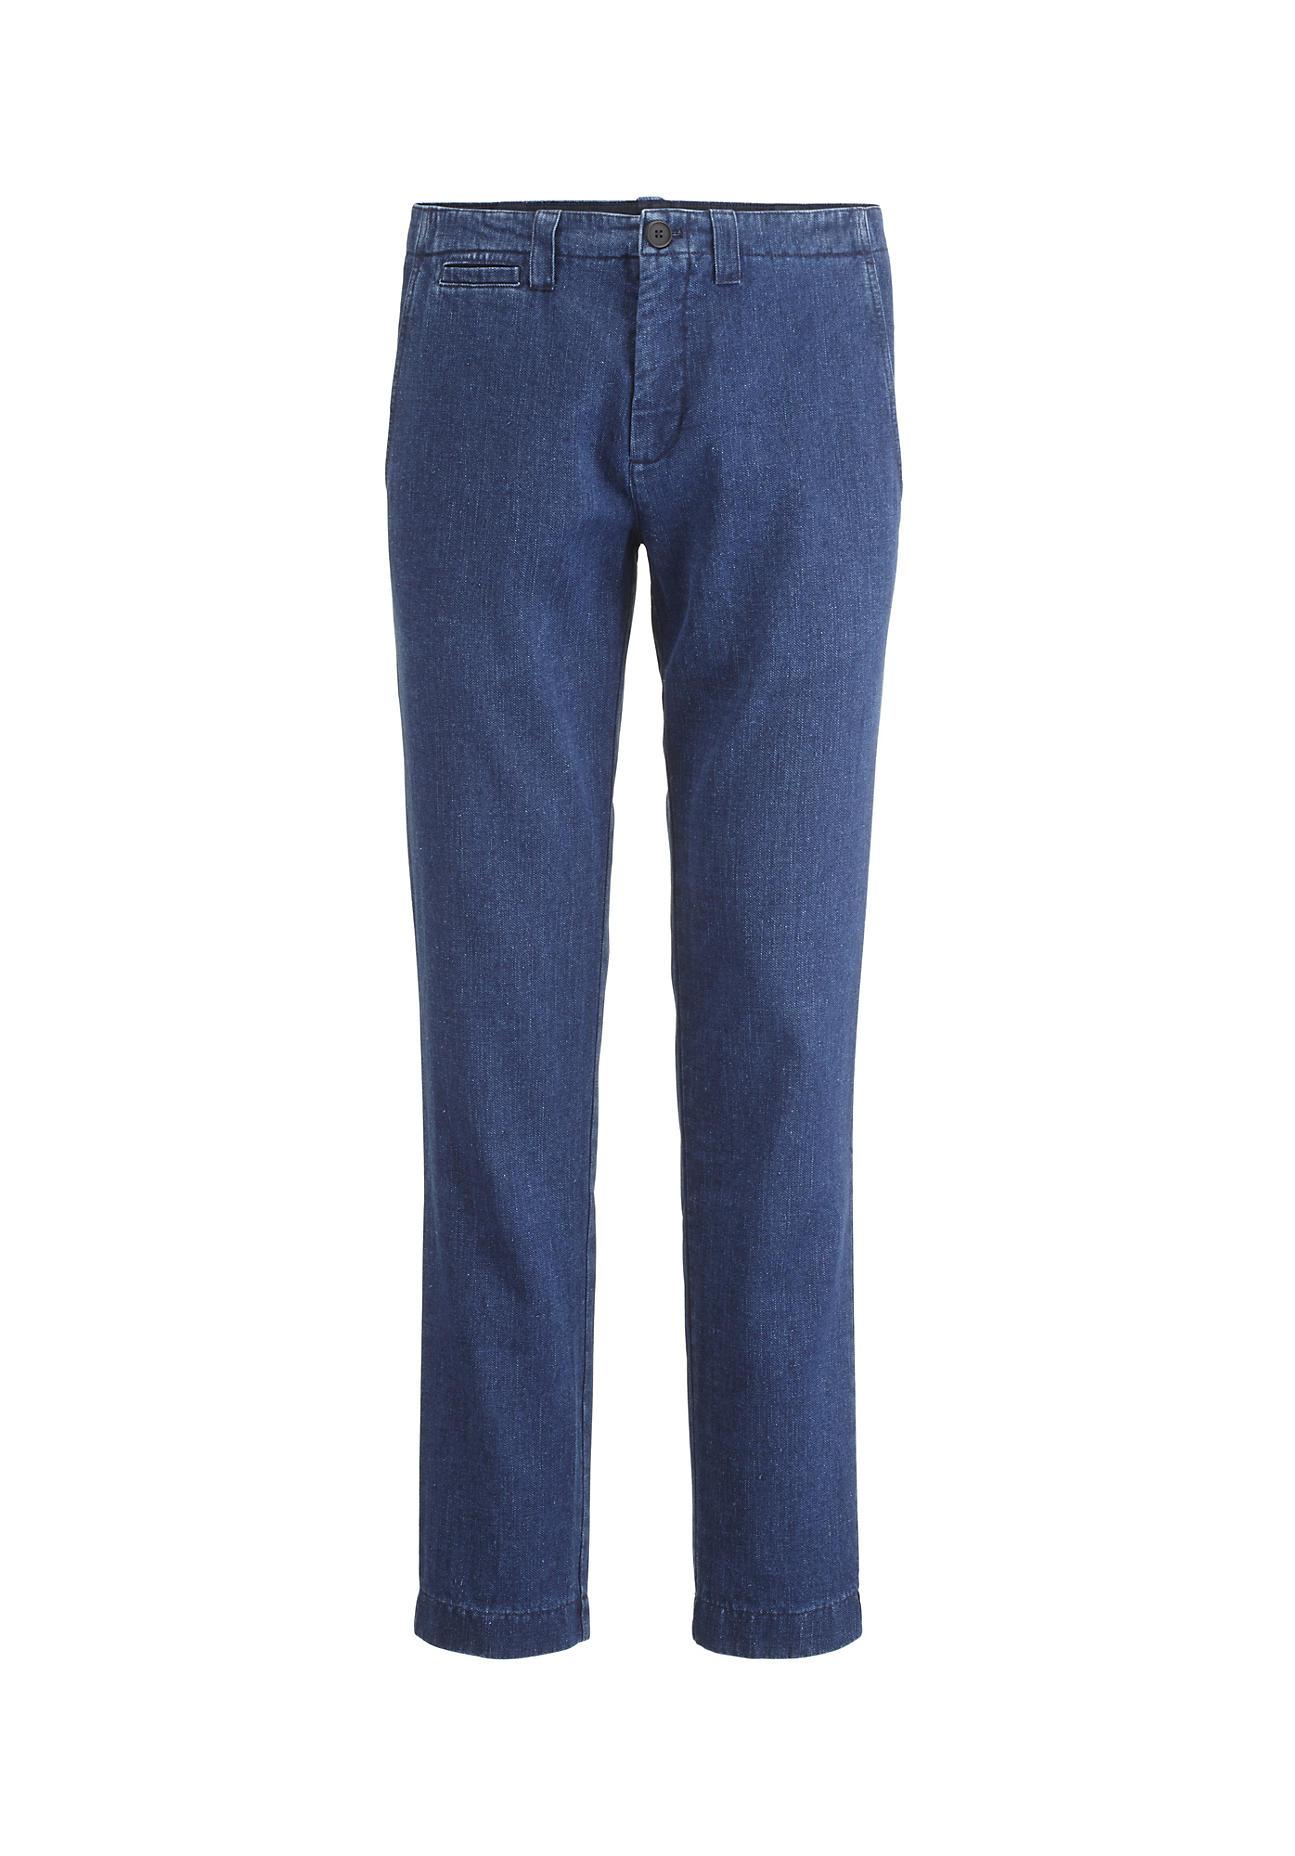 hessnatur Herren Jeans aus Hanf mit Bio-Baumwolle – blau – Größe 46